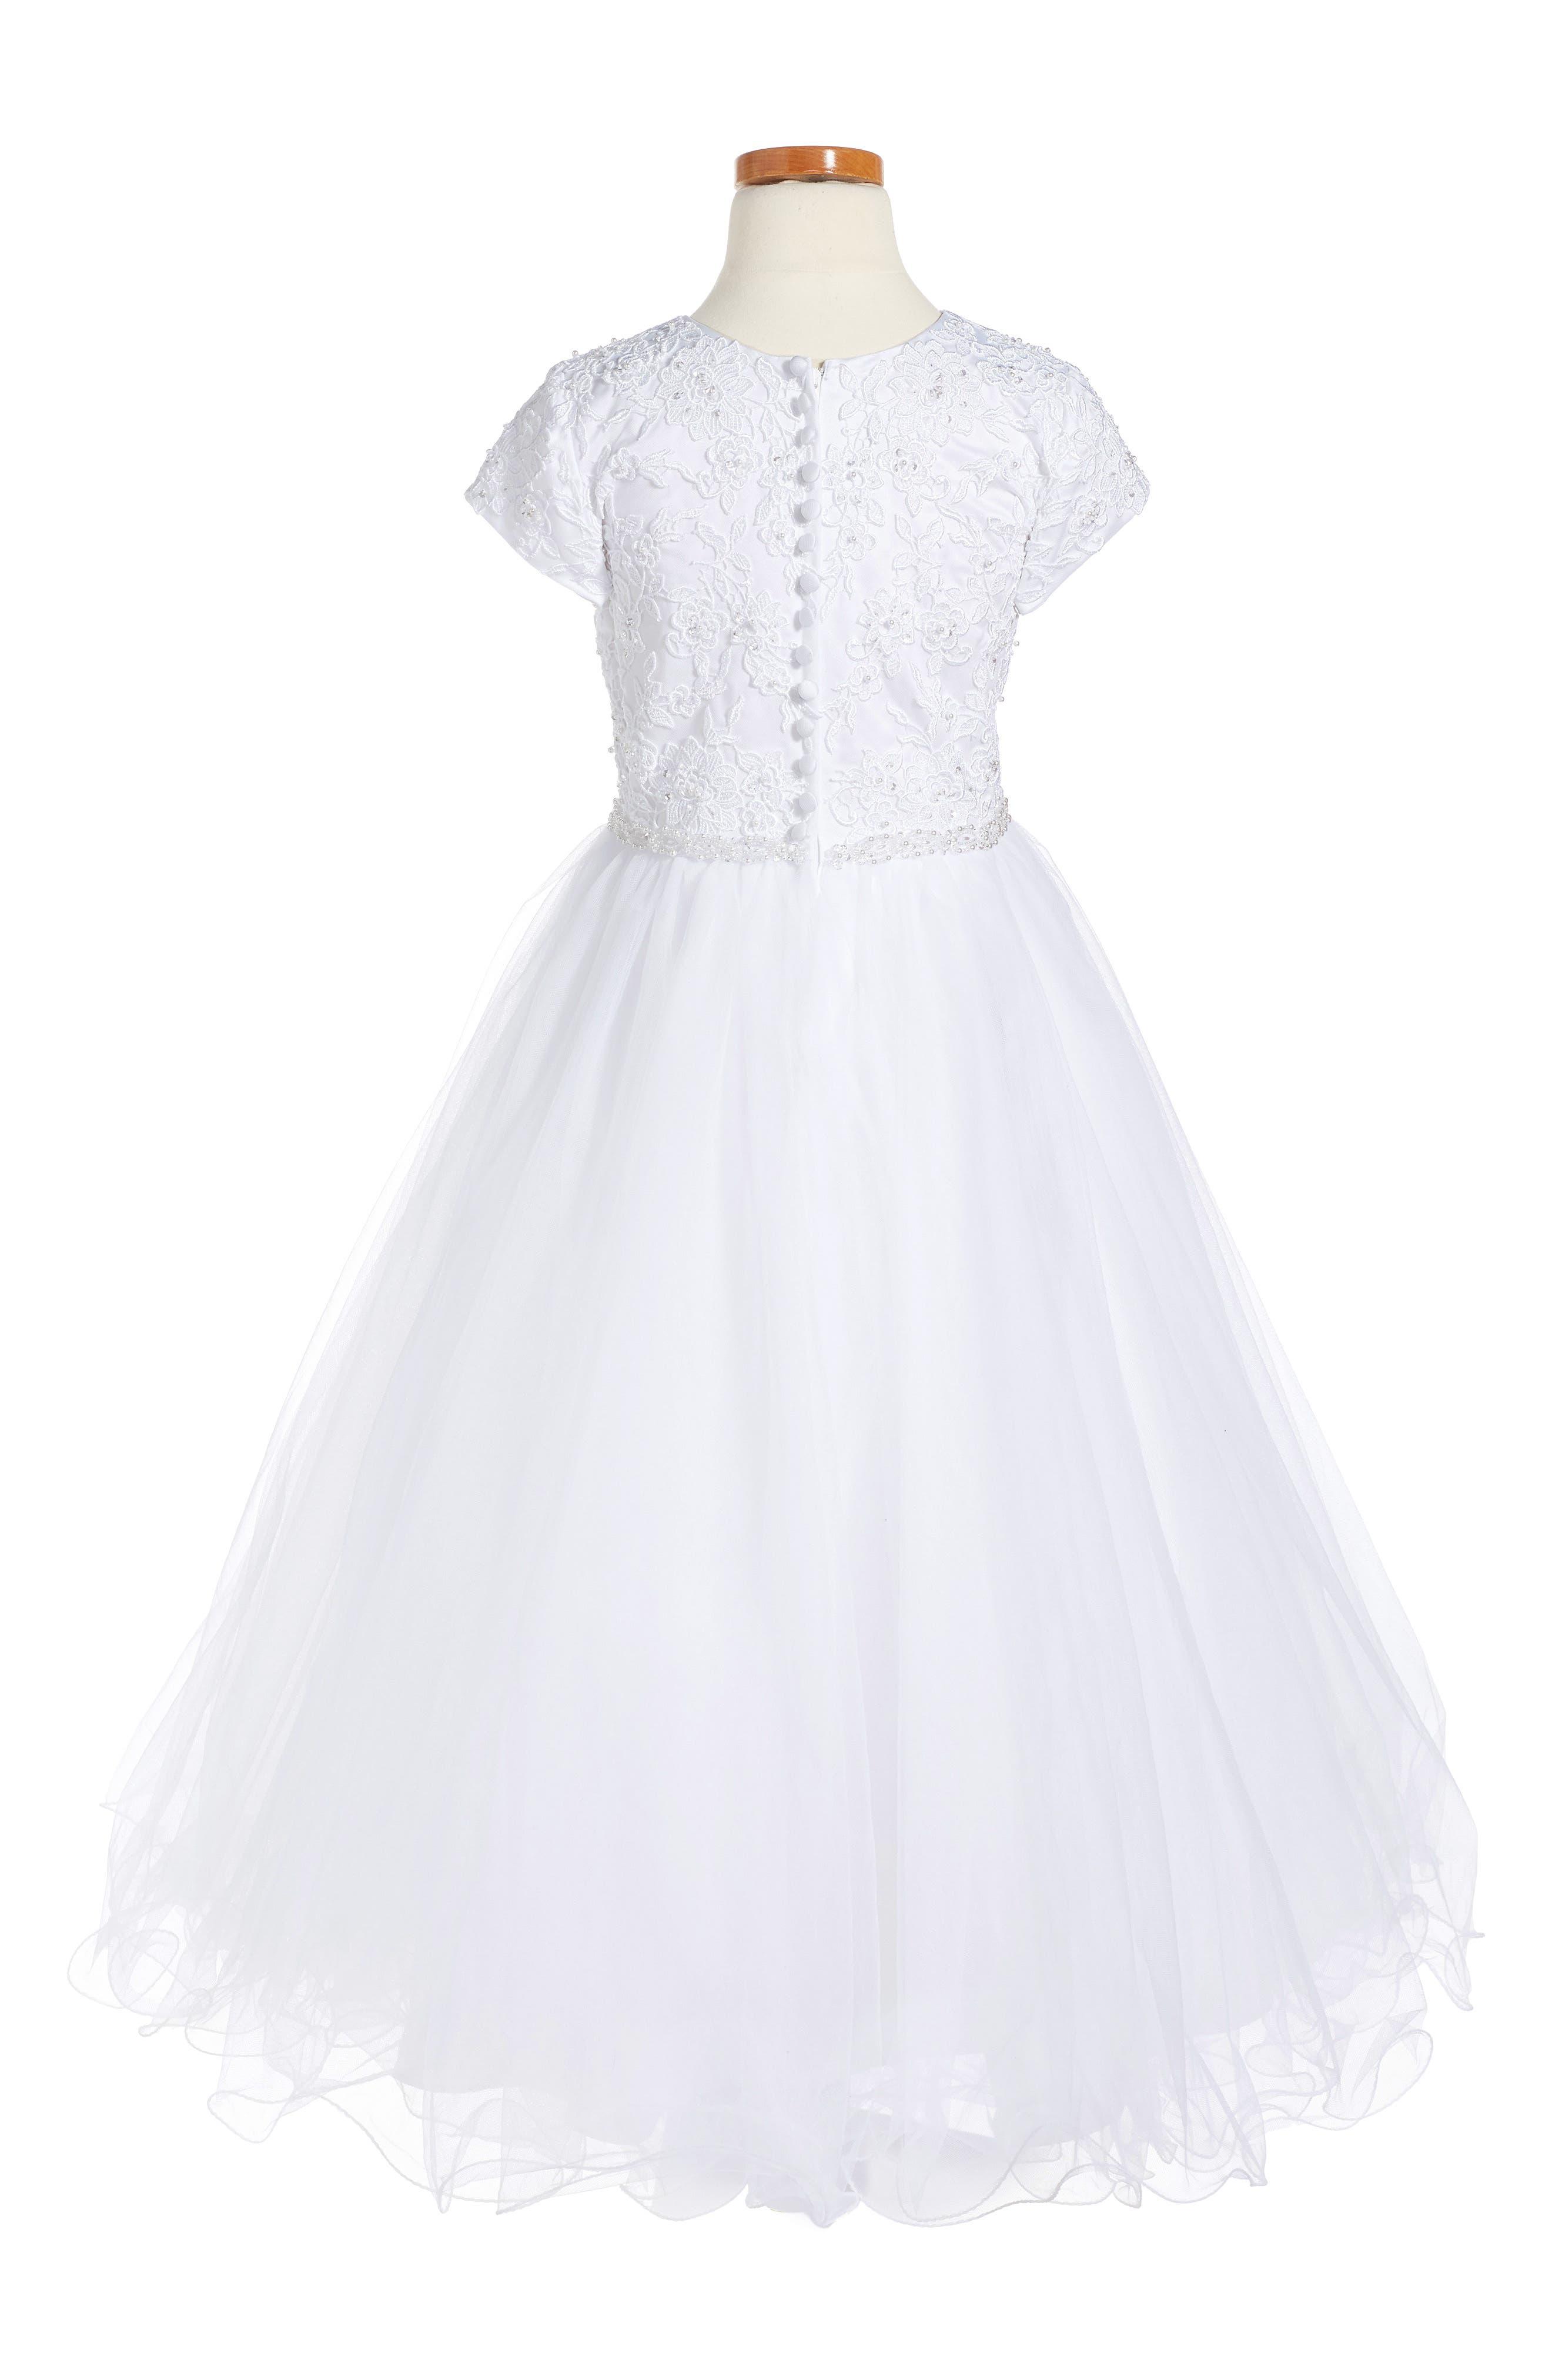 Floral Appliqué First Communion Dress,                             Alternate thumbnail 2, color,                             100